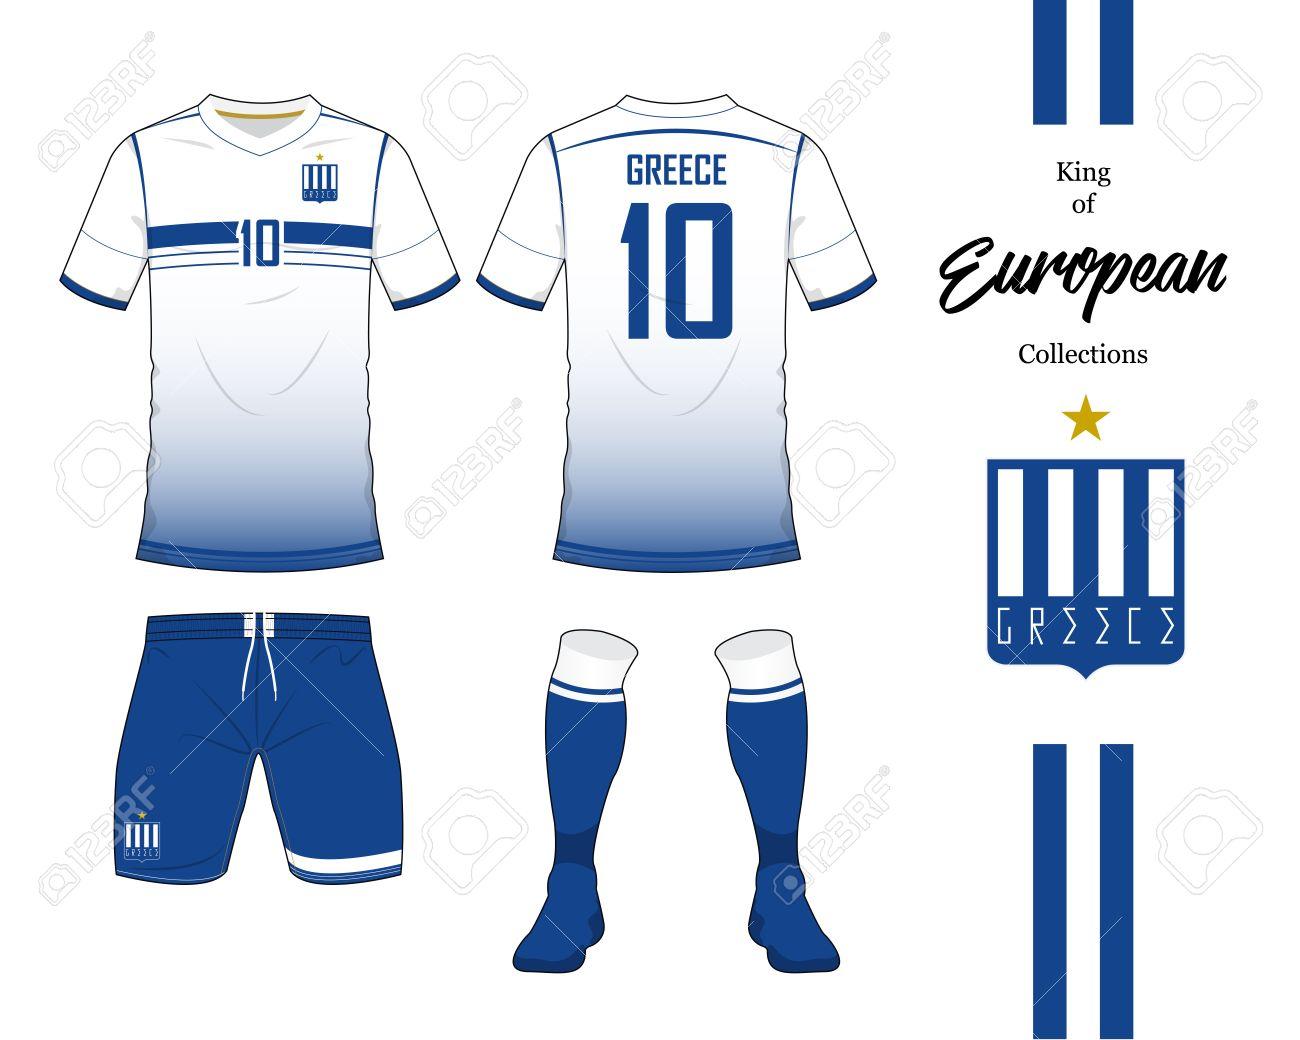 Foto de archivo - Fútbol Grecia equipo nacional uniforme. Jersey del fútbol  o plantilla del kit del balompié. Logotipo de fútbol en diseño plano. 2db2e78081a9c